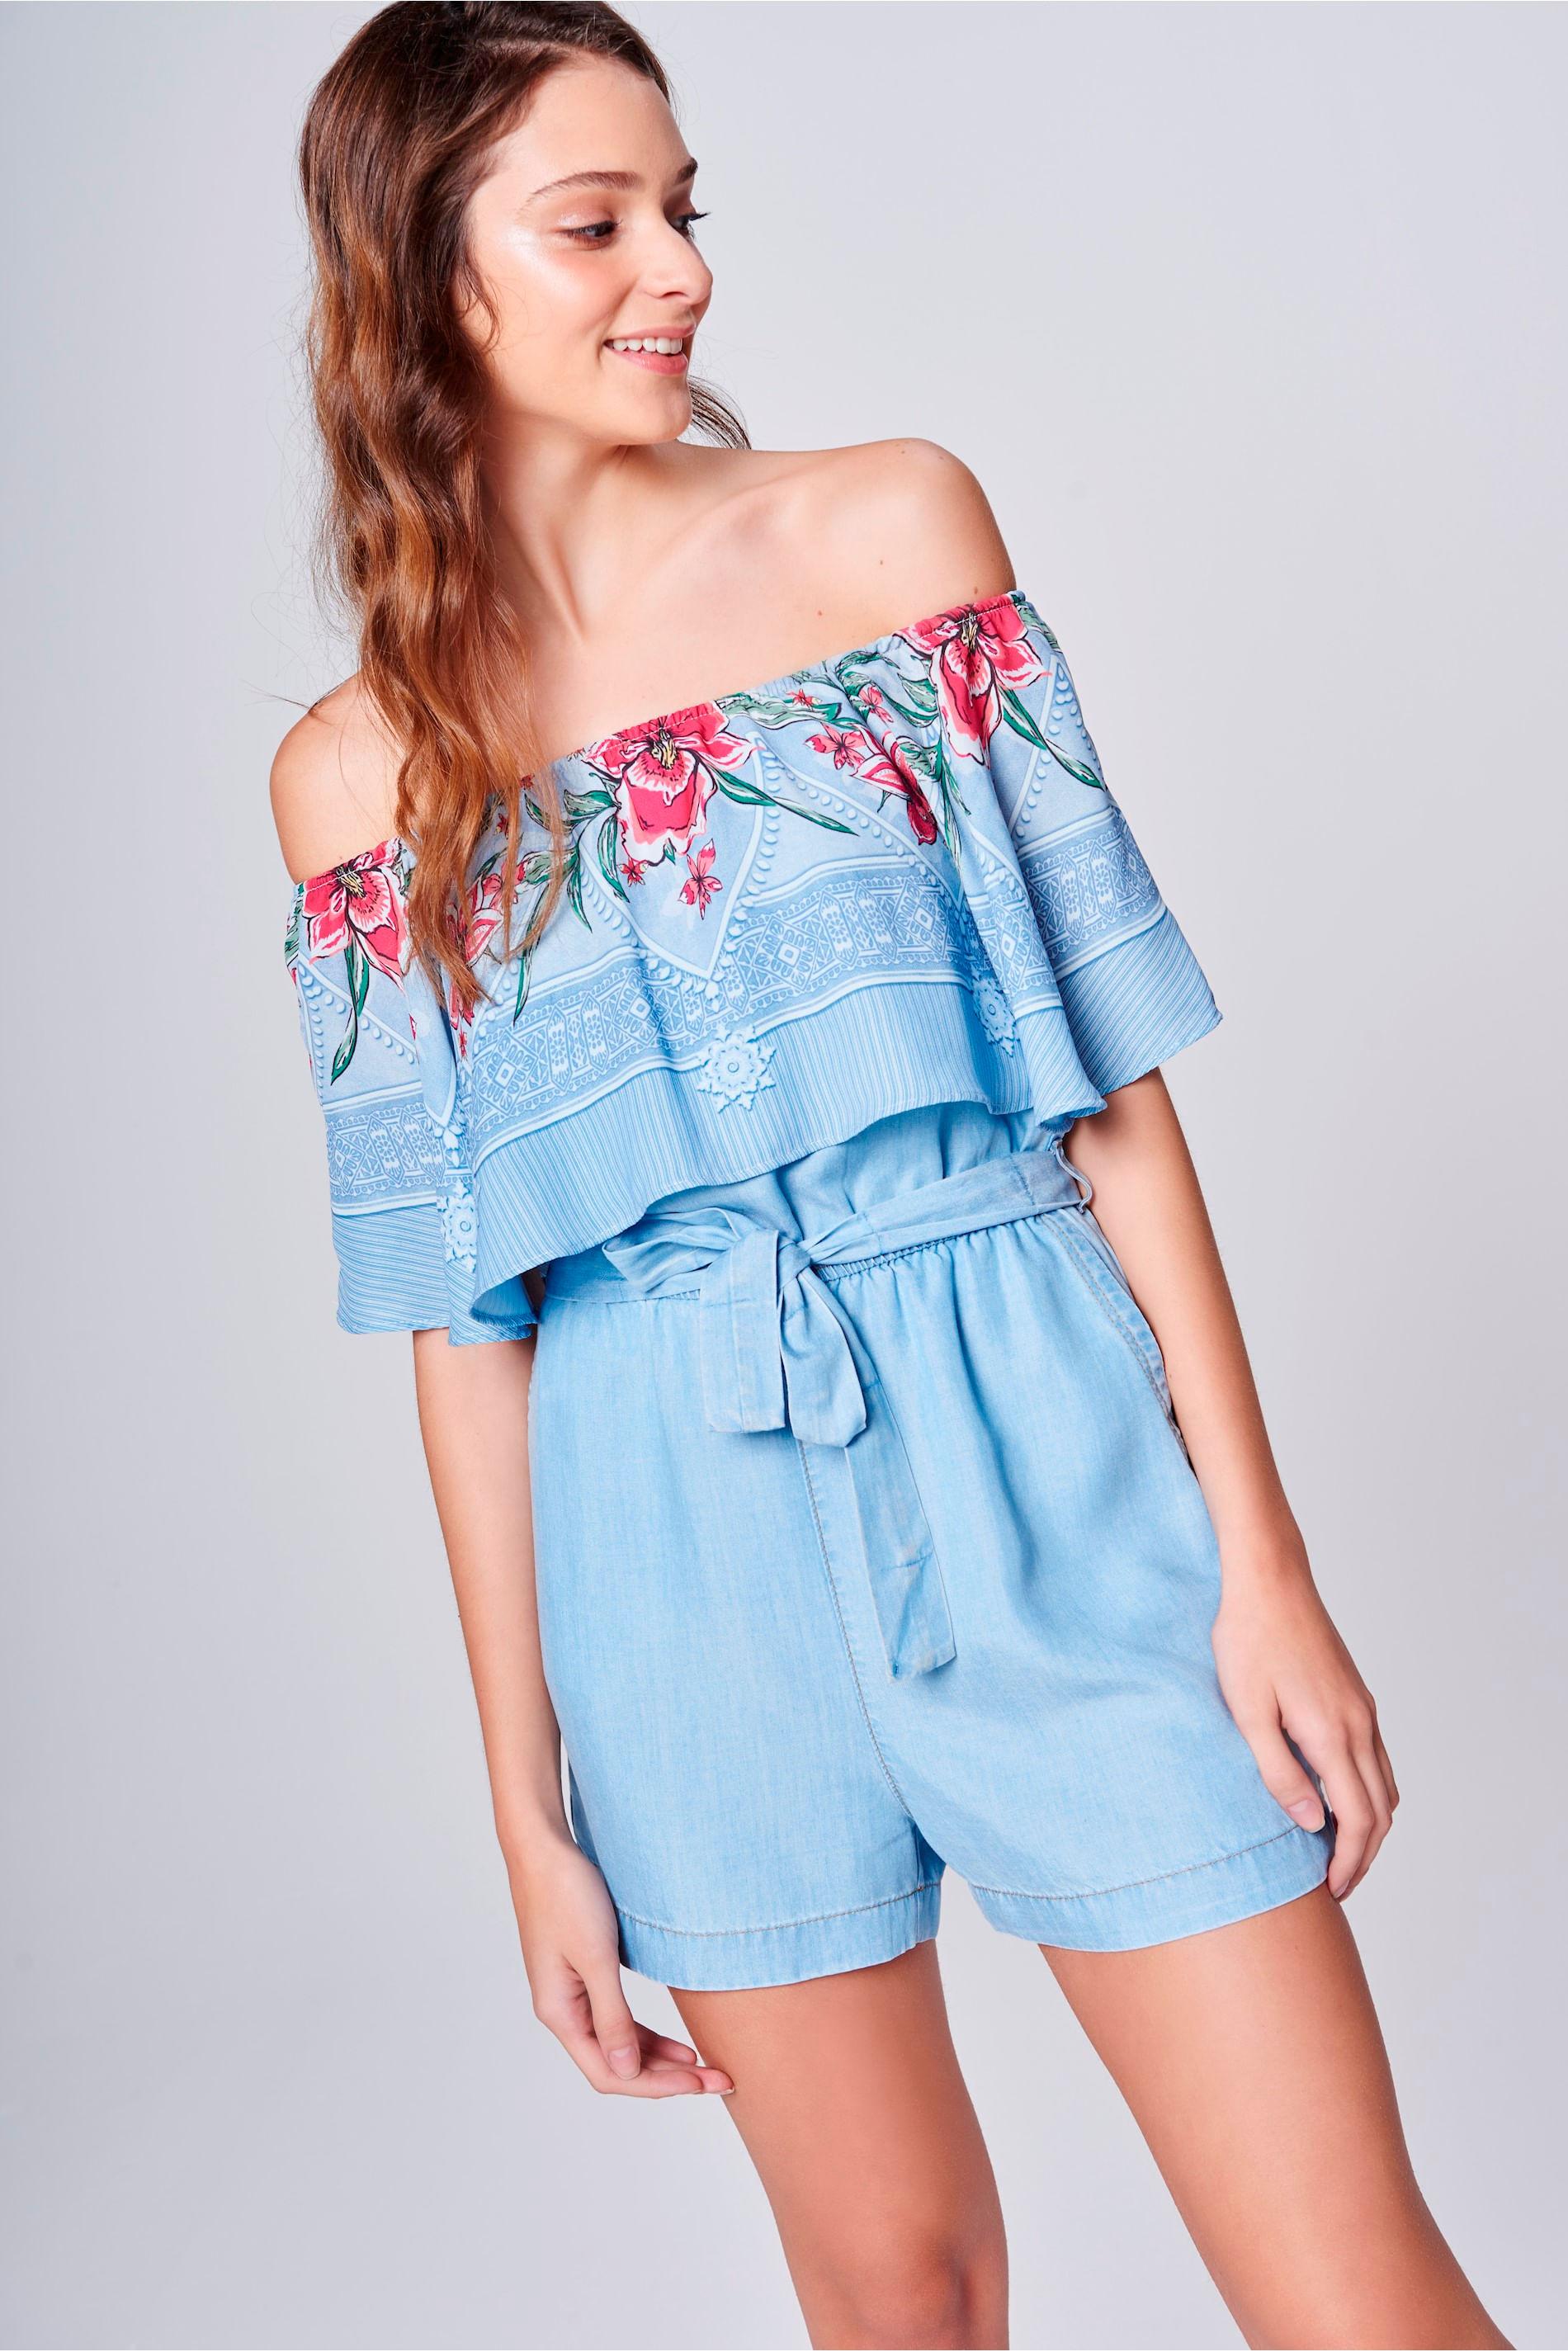 Macacão Curto Jeans Estampado Feminino - Damyller d1095572d0c3a